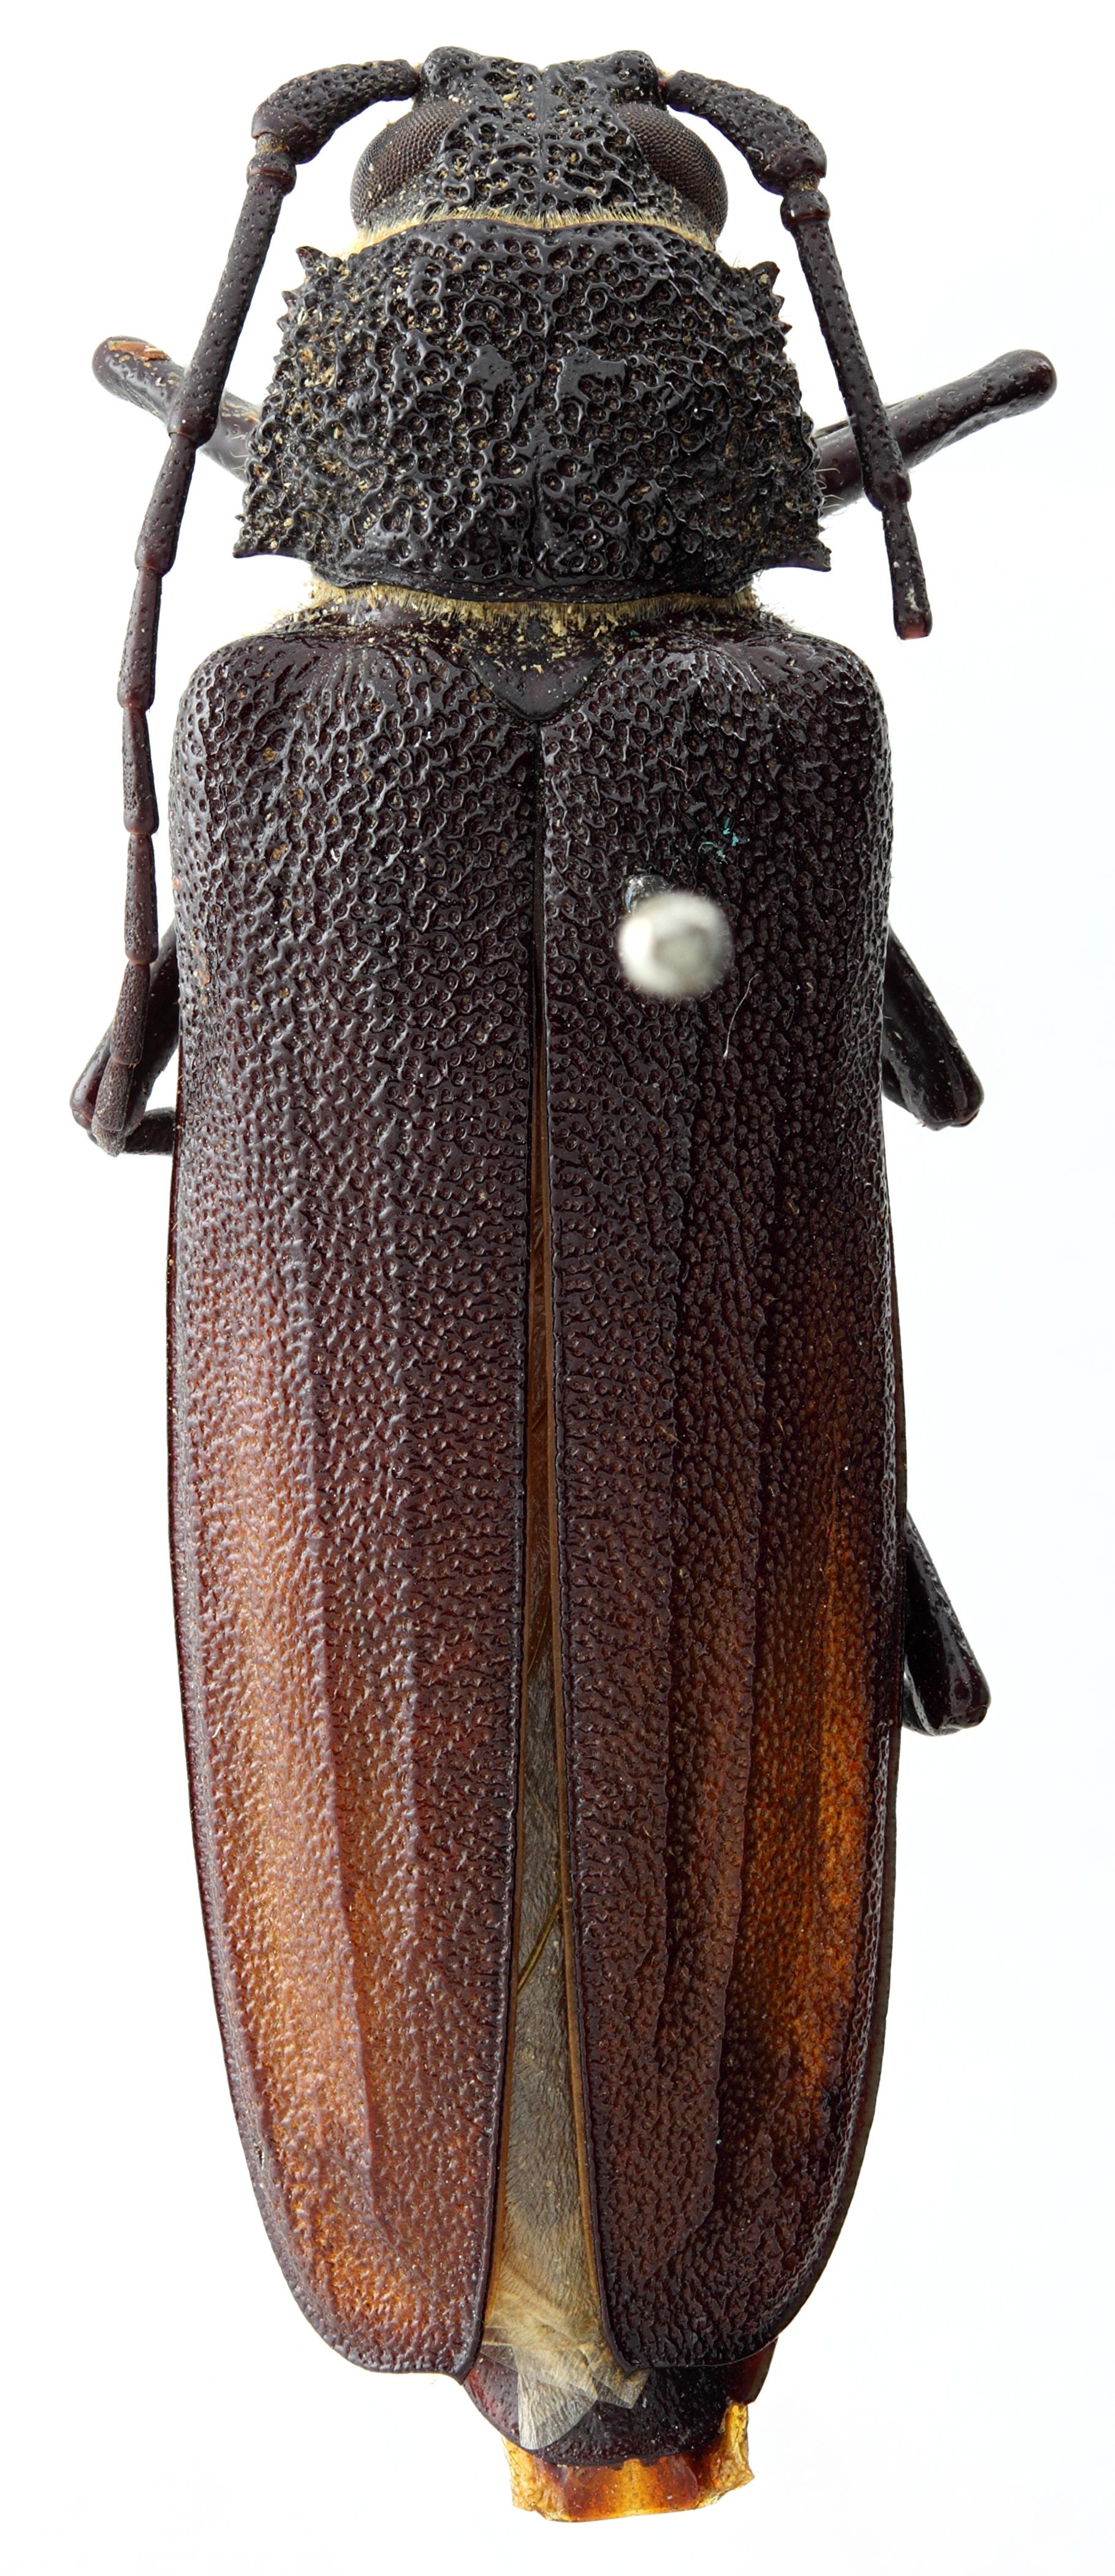 Macrotoma cariosa 04 HP PAR F 036 BRUS 201405.JPG